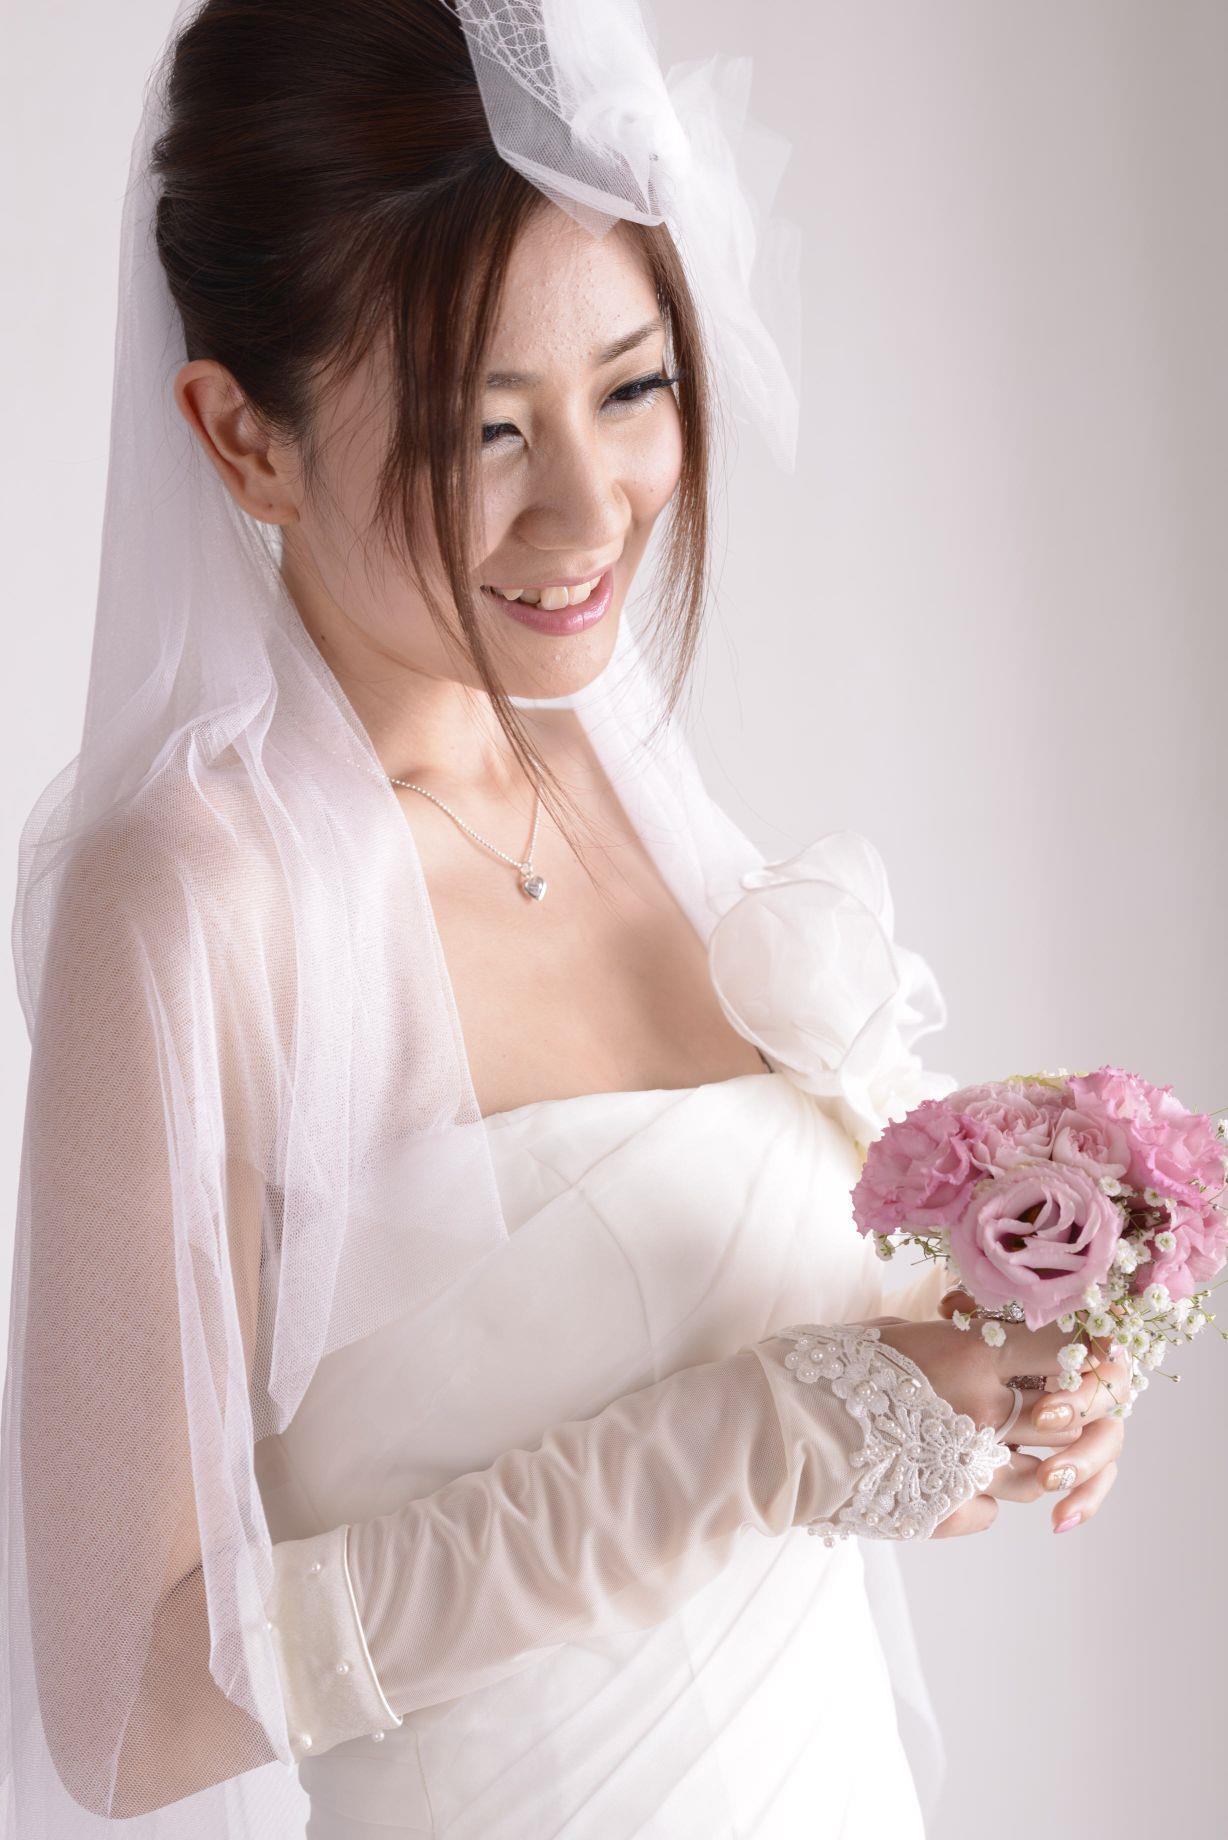 前田かおり ウェディングドレス画像 6